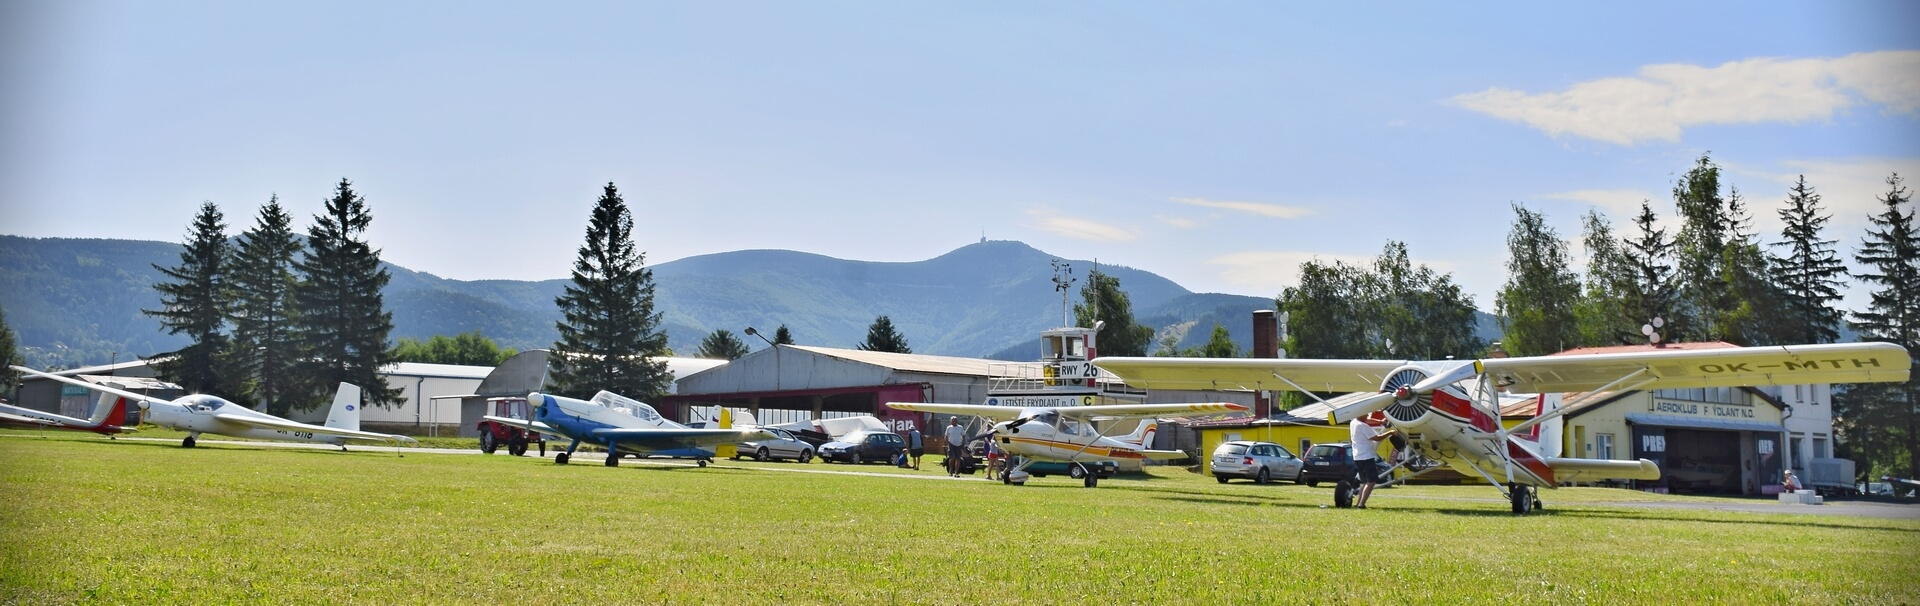 Seznamovac lety - Aeroklub Frdlant nad Ostravic